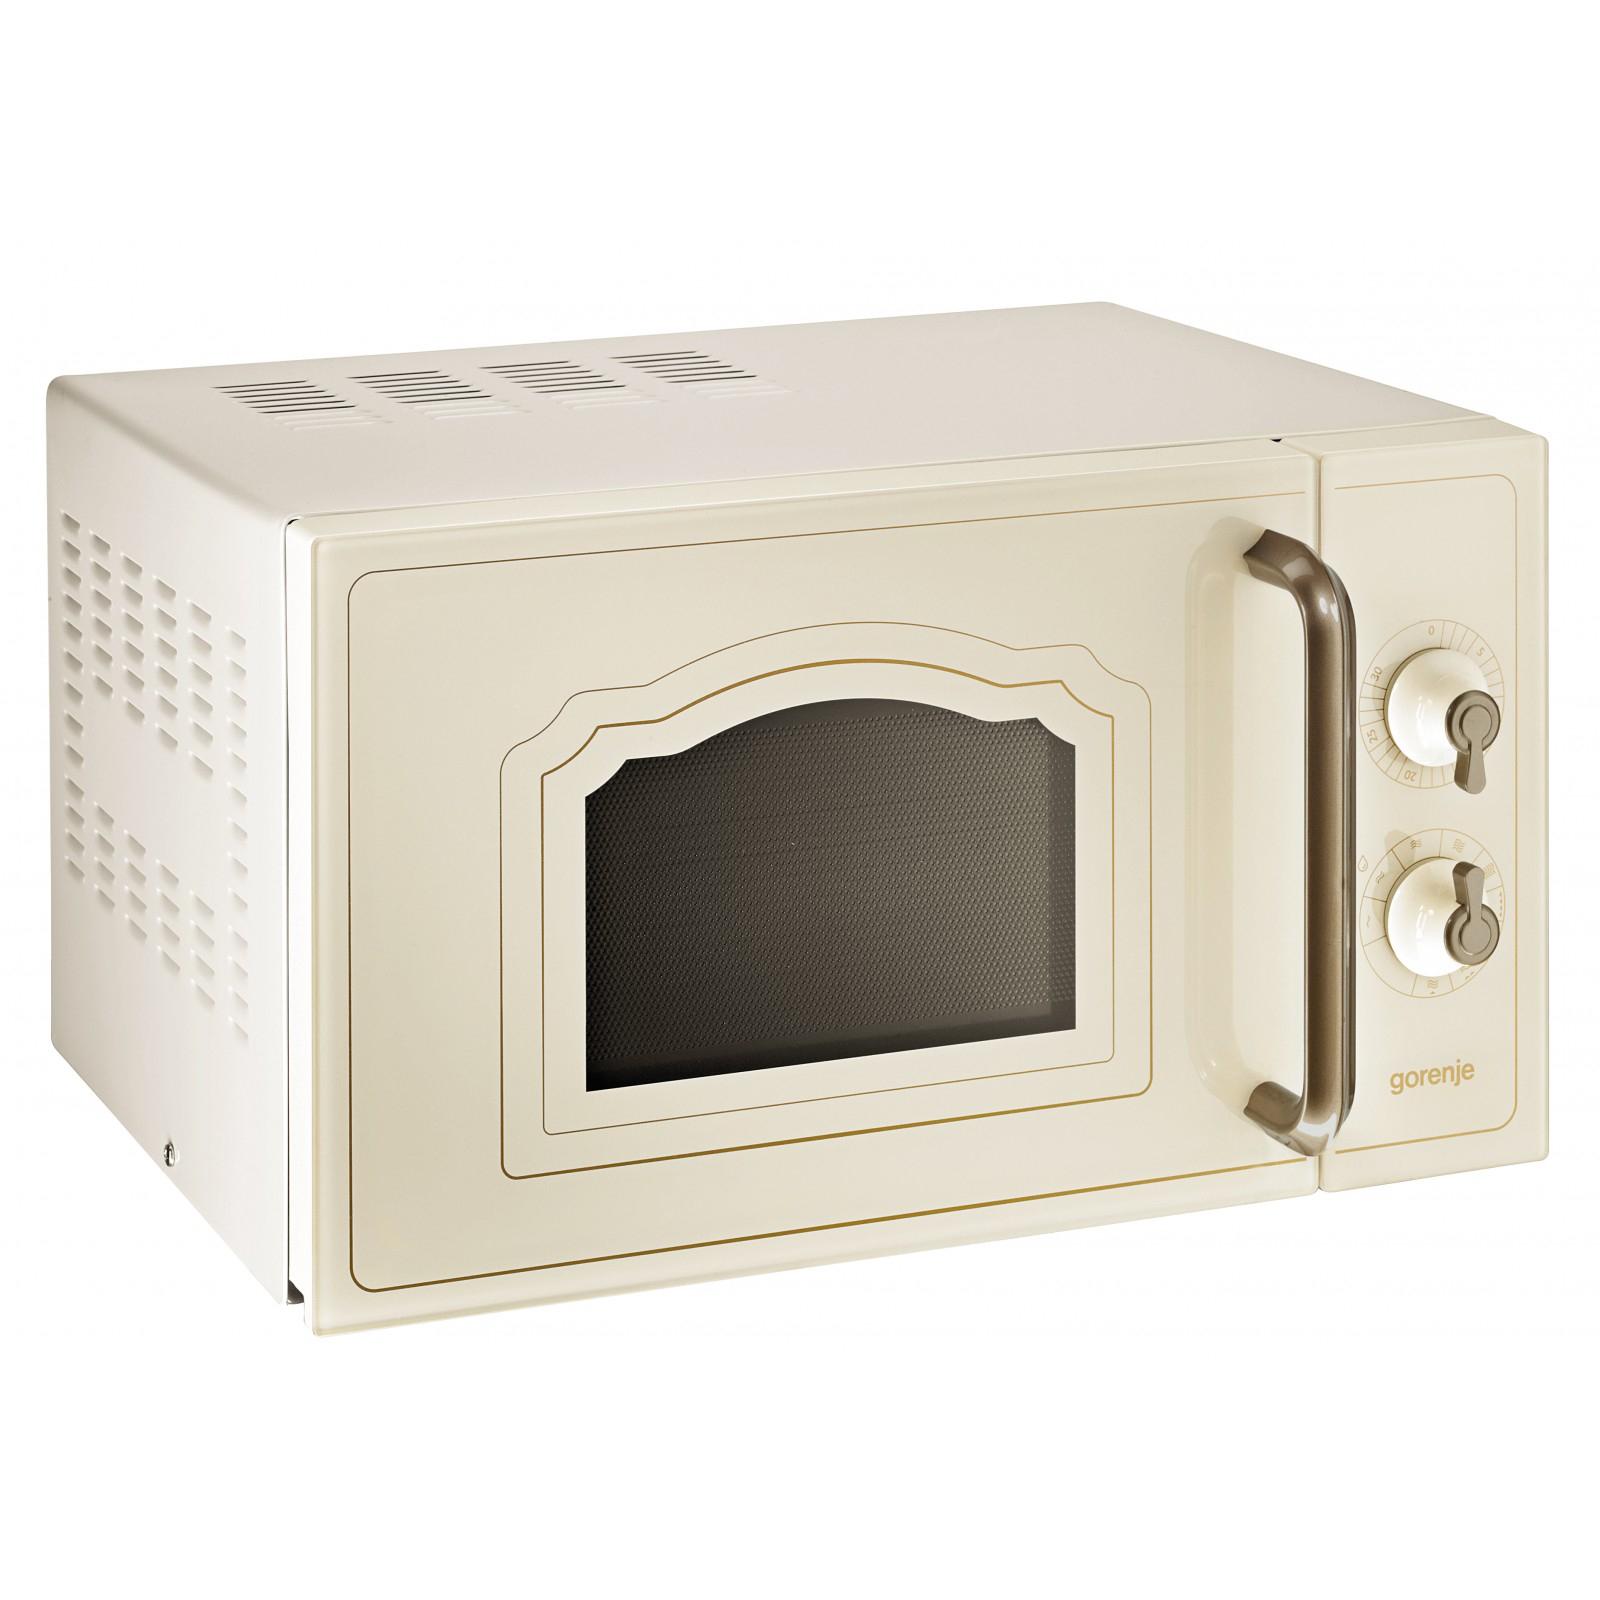 Микроволновая печь Gorenje MO 4250 CLI изображение 2